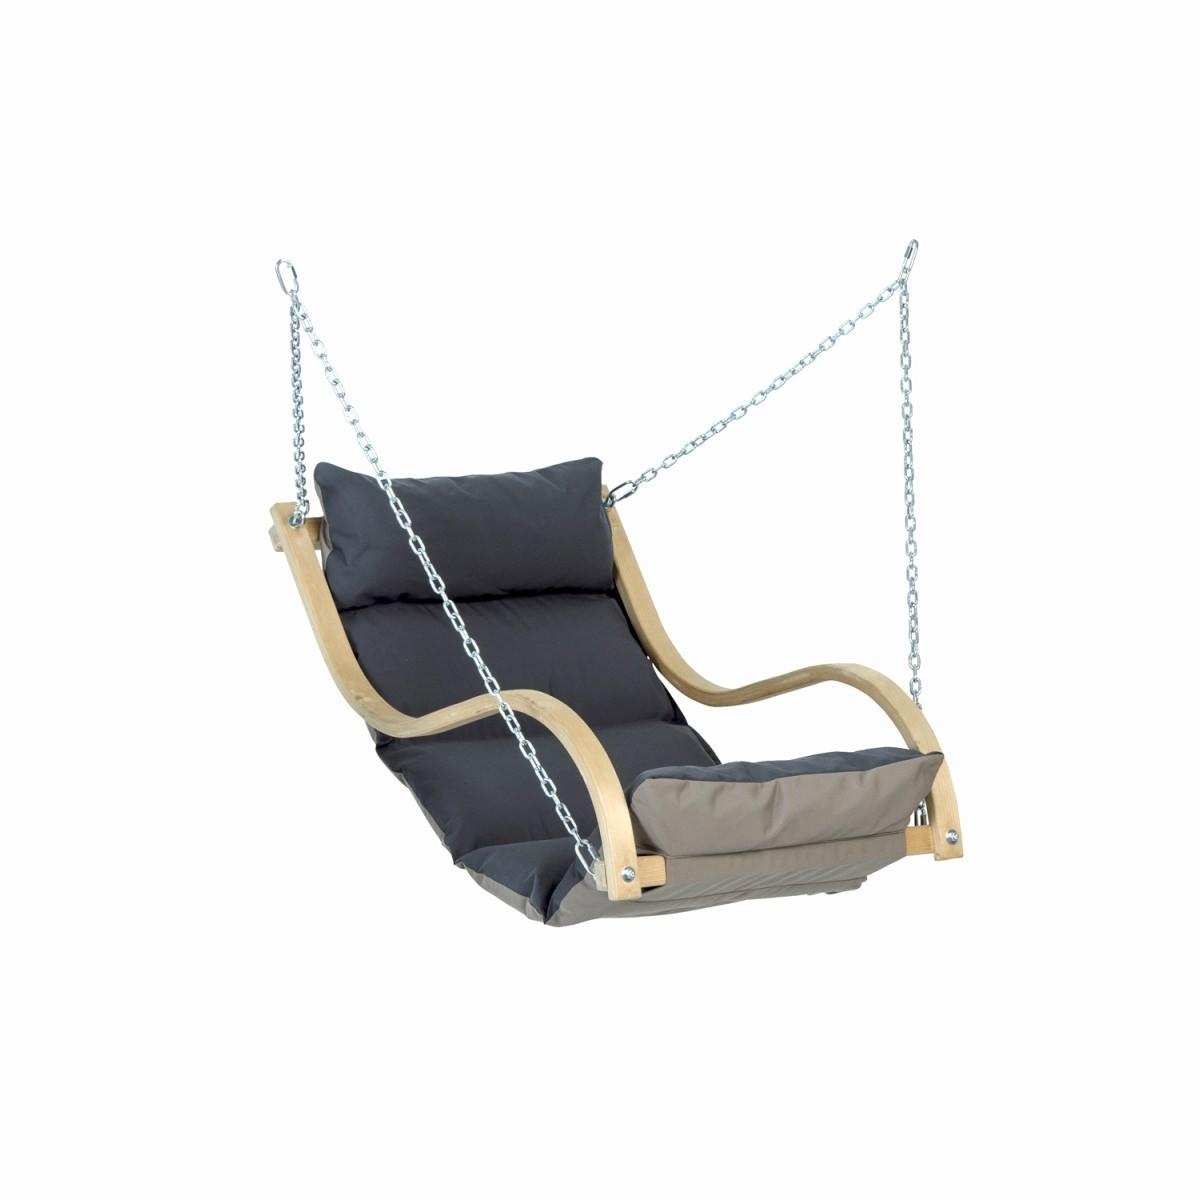 Fauteuil Suspendu D Exterieur amazonas- fauteuil suspendu rembourré fat chair anthracite